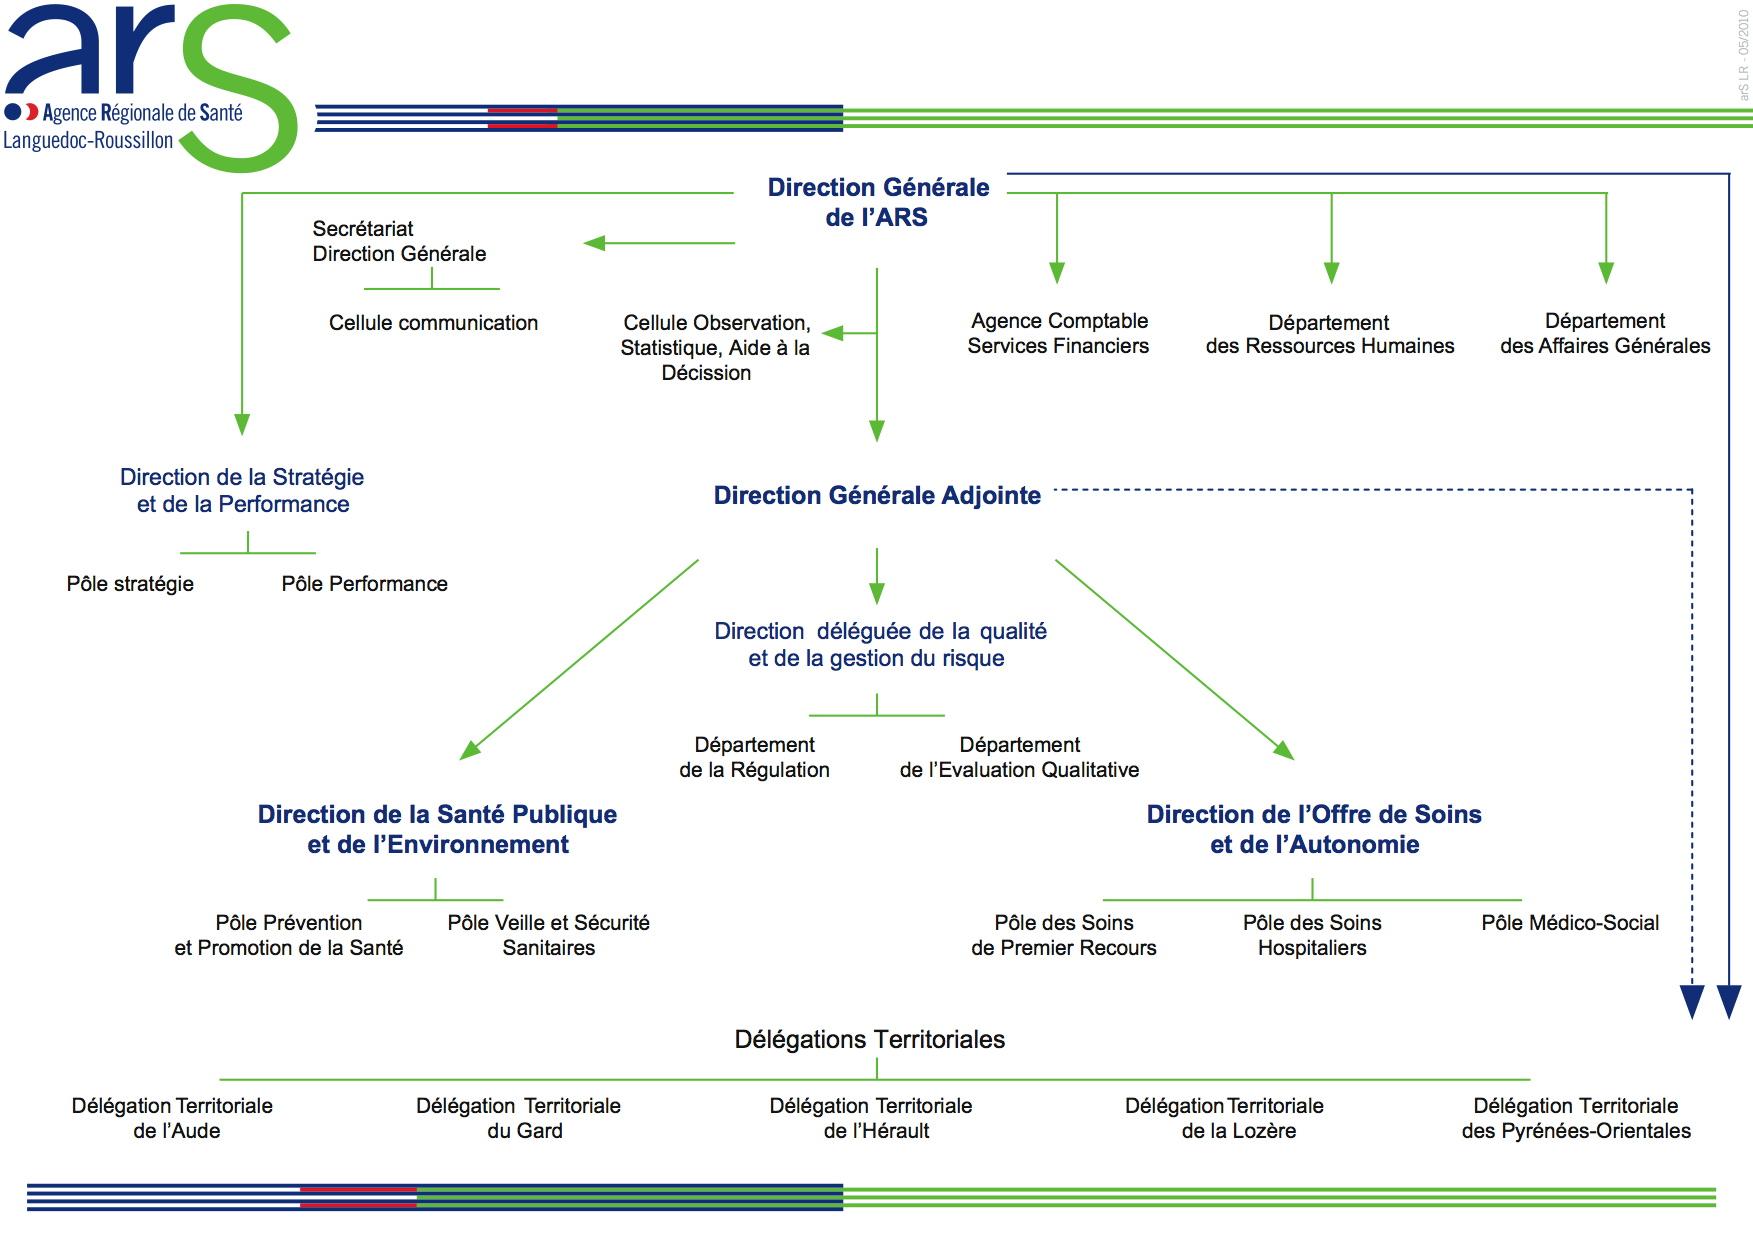 Organigramme de l'ARS